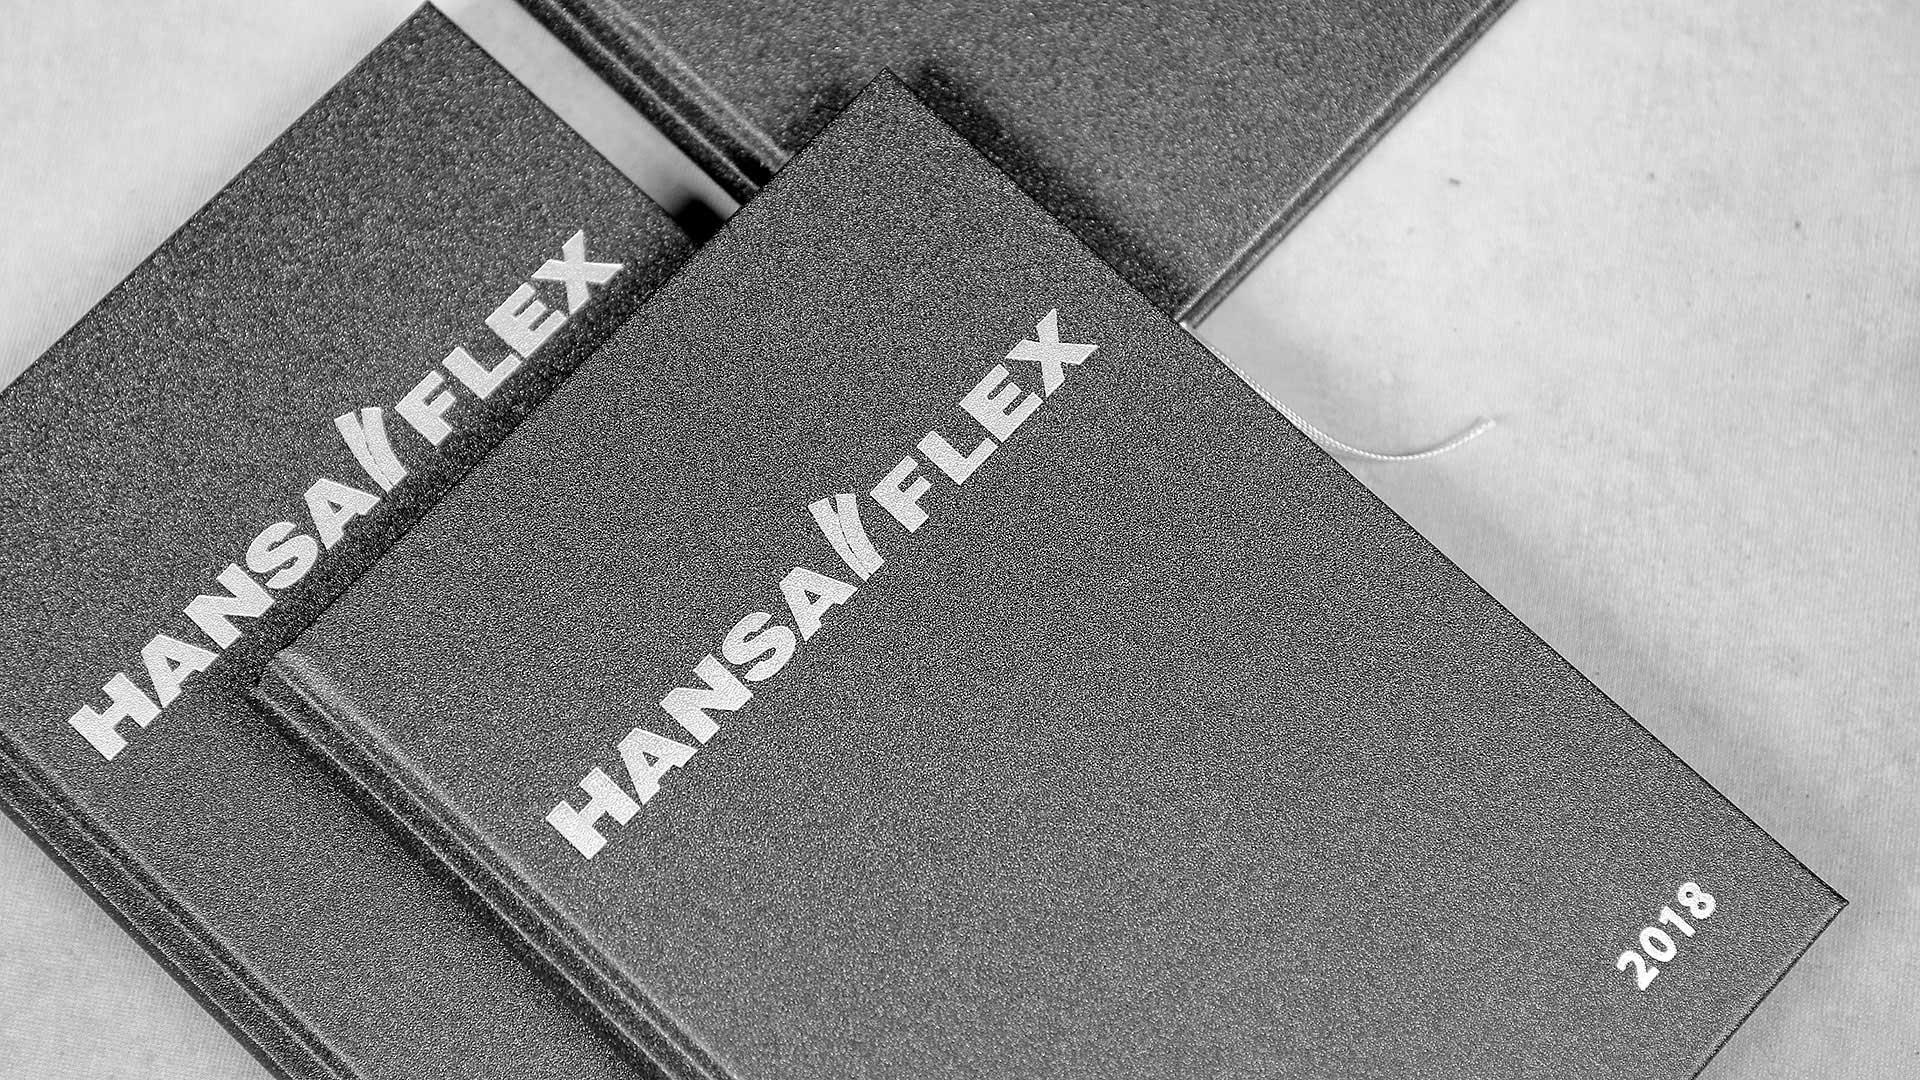 Plānotāju apdruka firmai Hansaflex